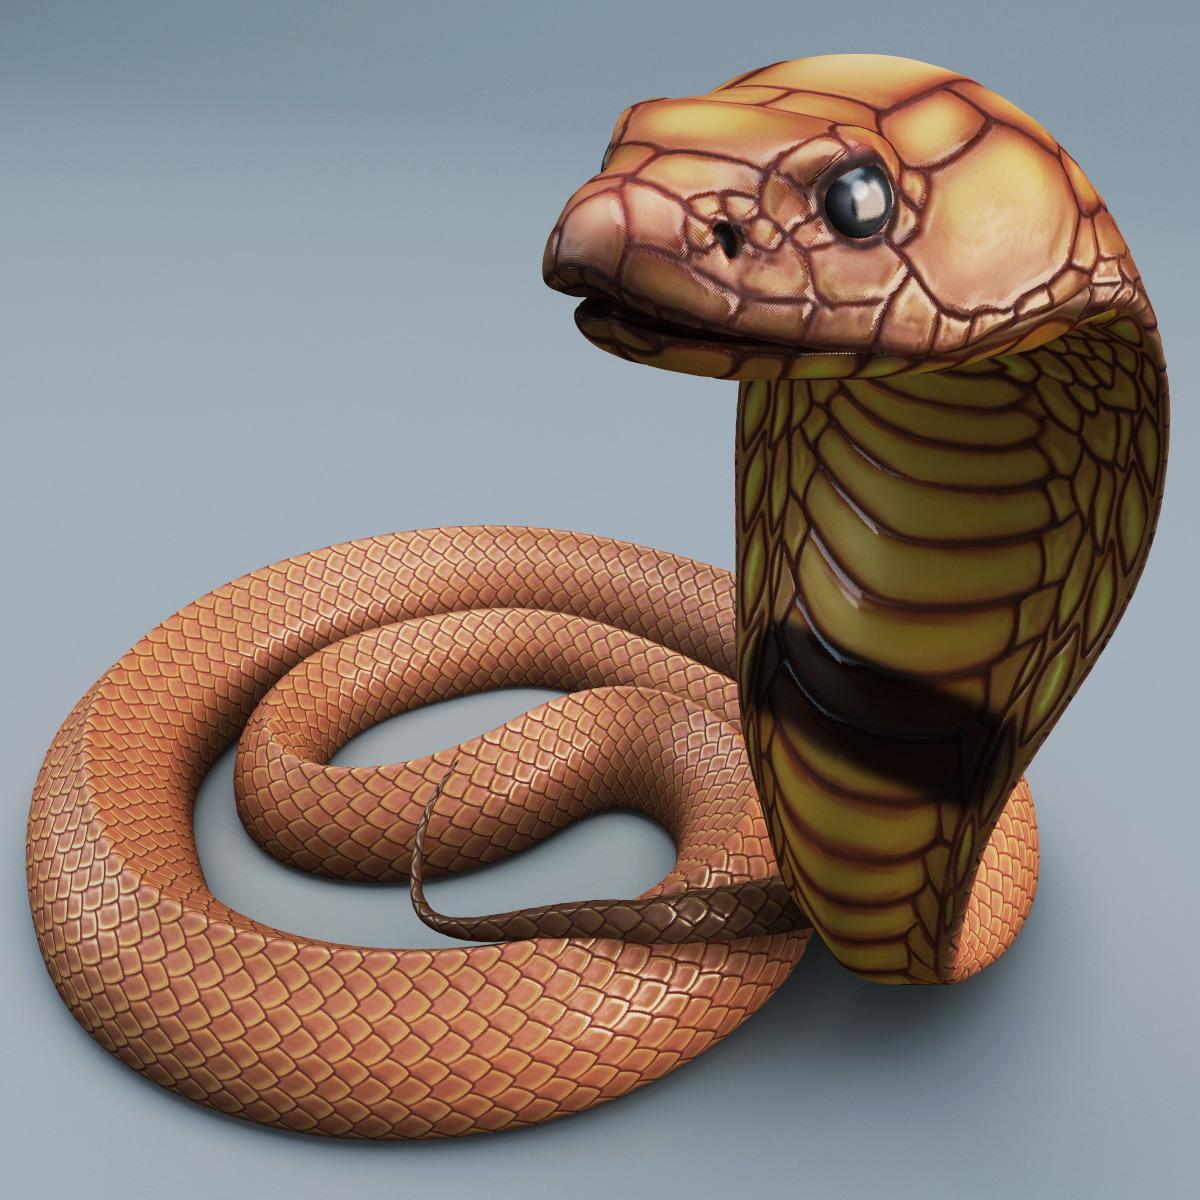 Snake_Cobra_Pose_2_002.jpg